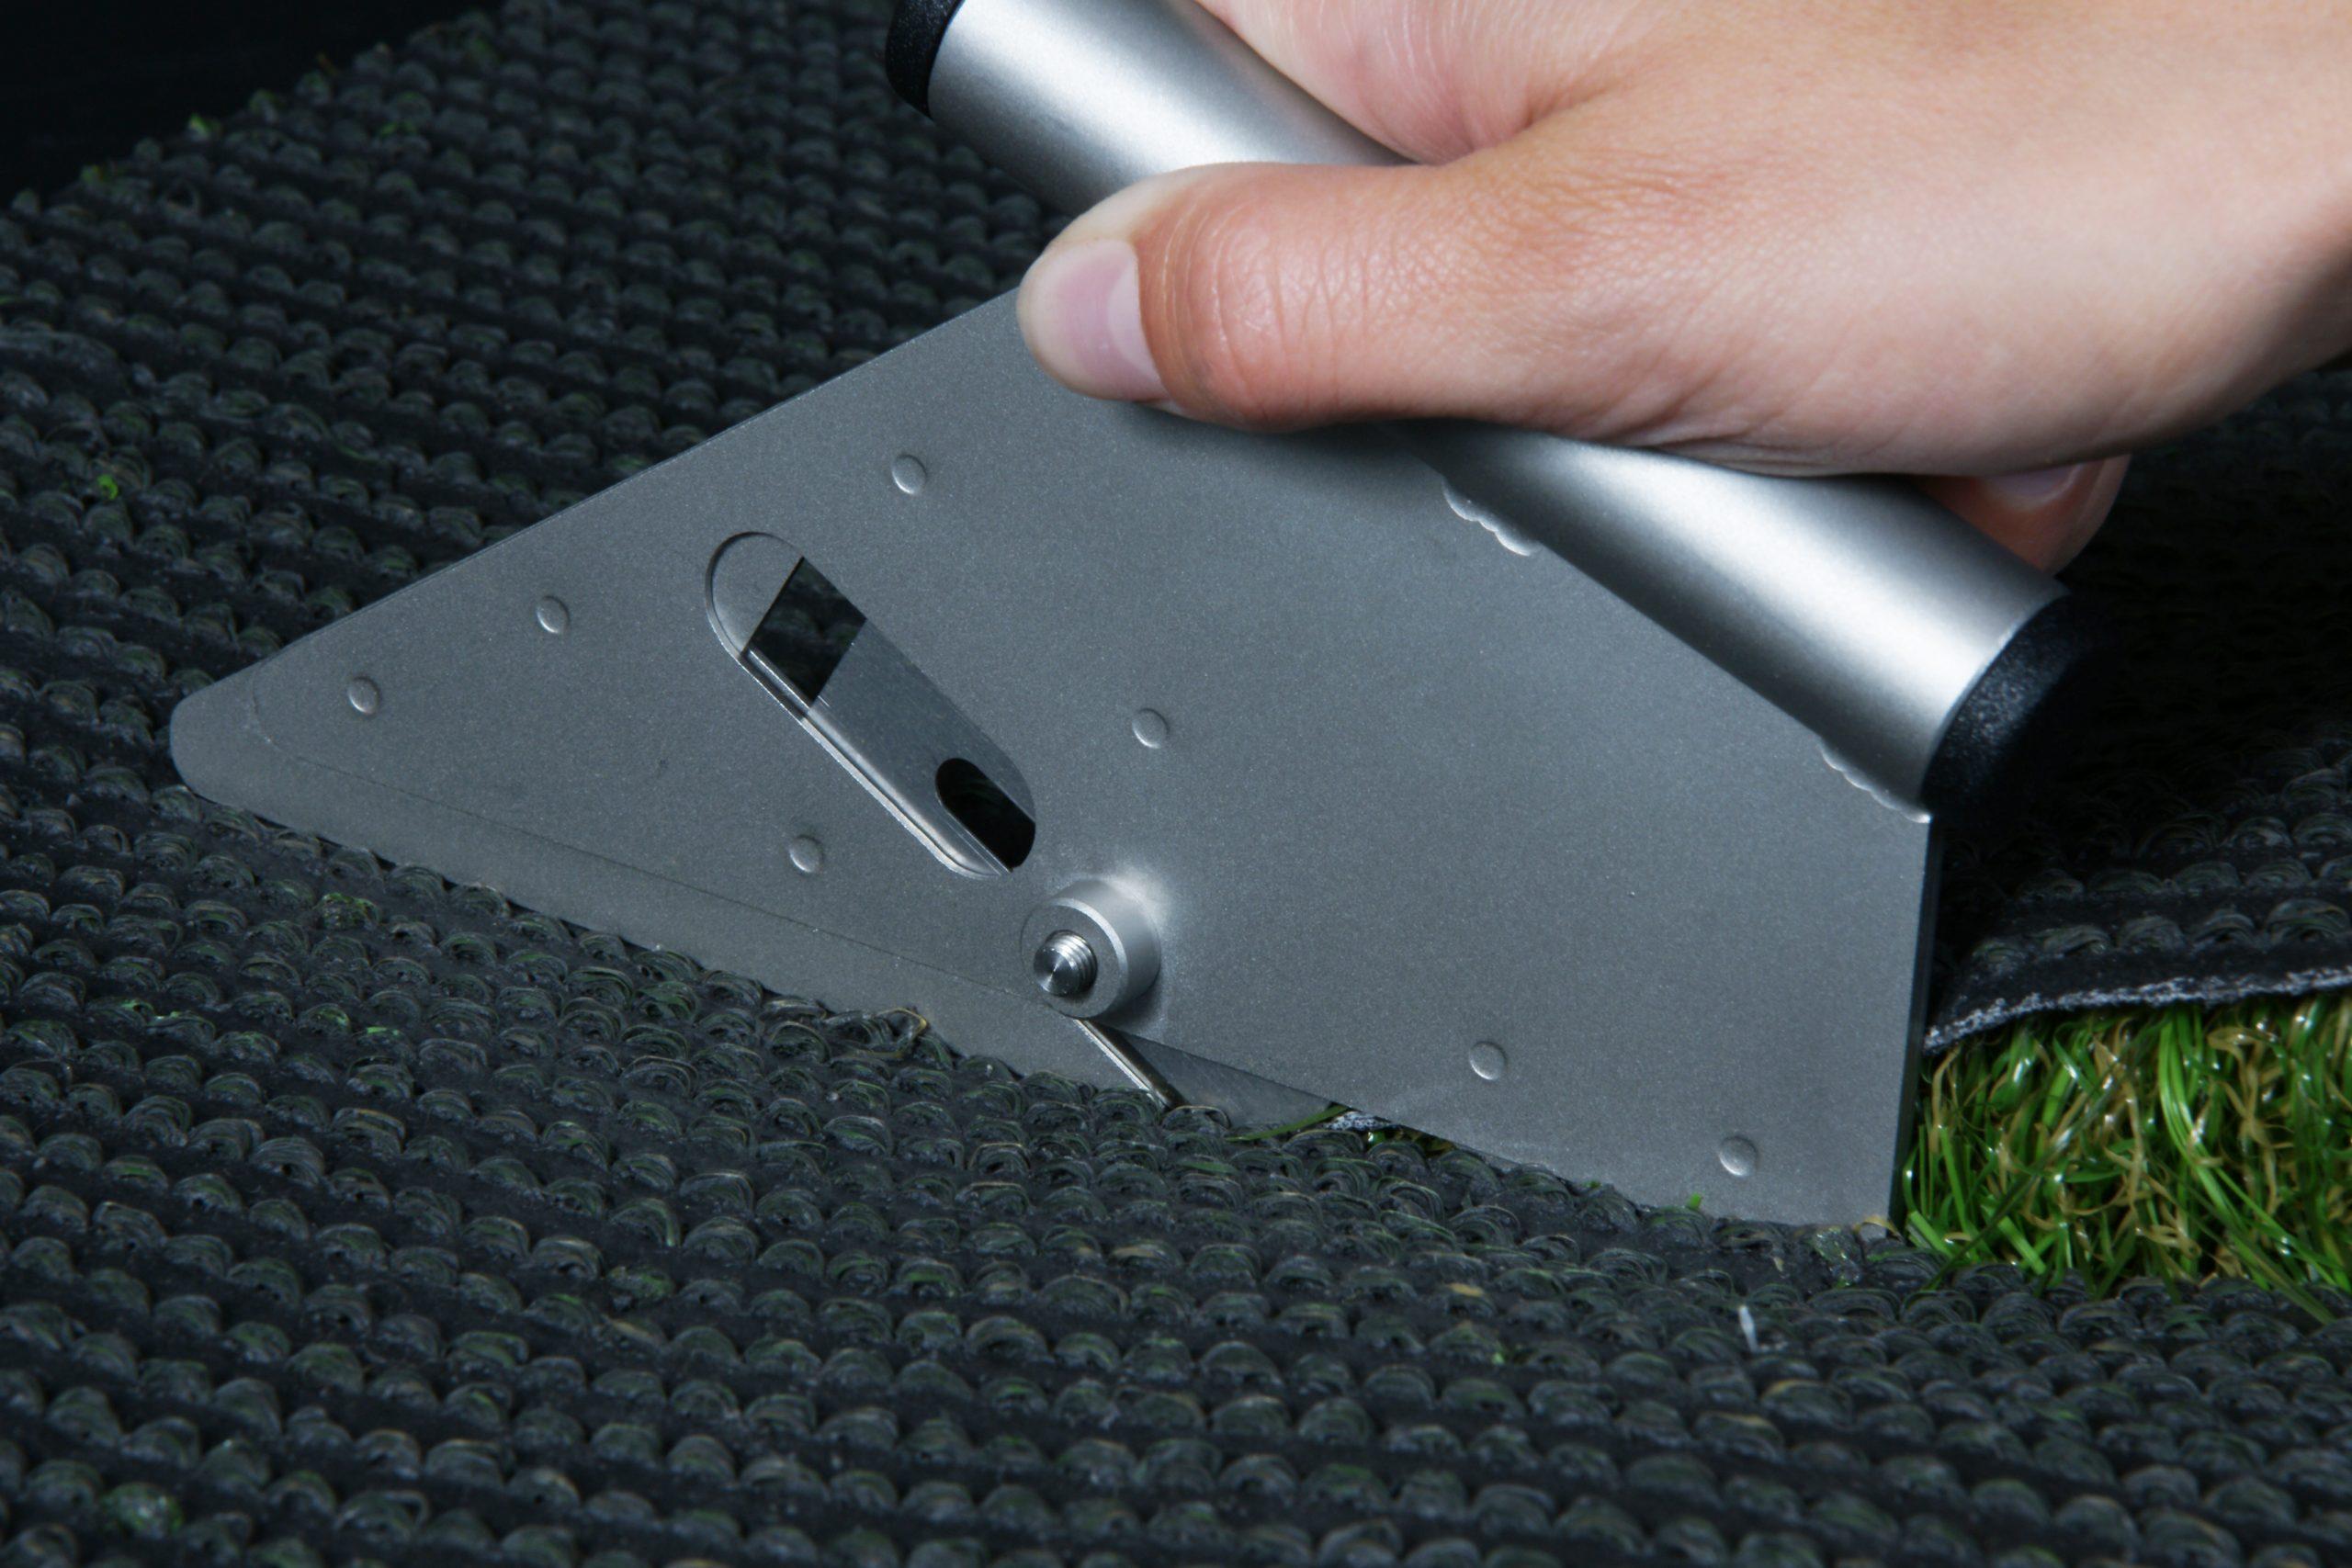 Henko knife cut artificial grass cutting